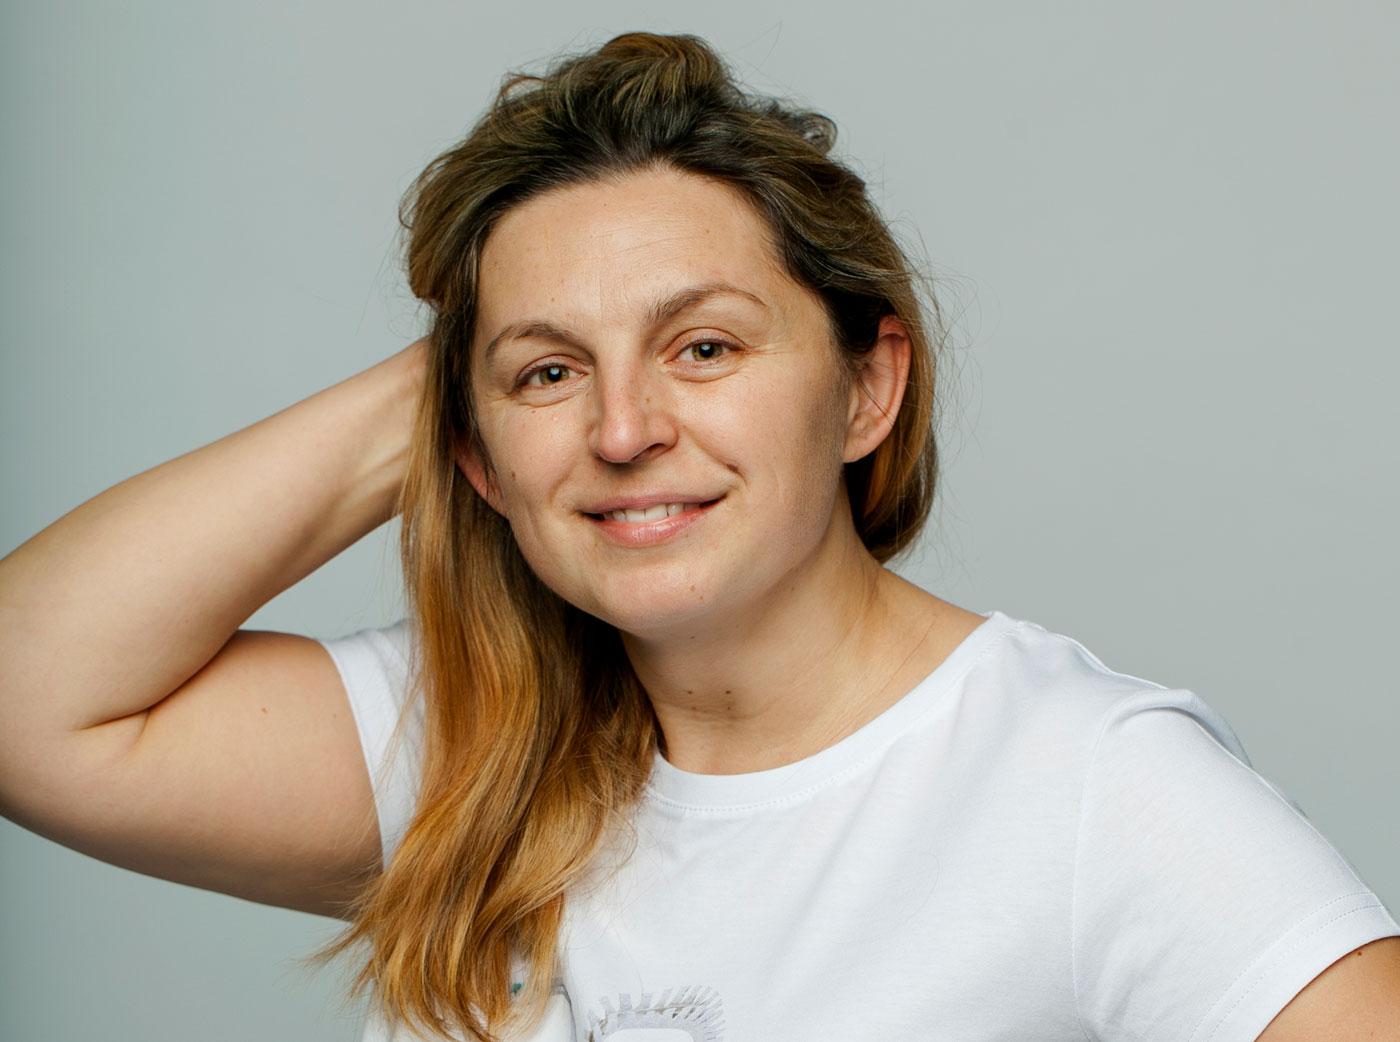 🔈 Подкаст «Інше інтерв'ю»: Наталка Макогон — про неймовірний світ київської підземки, карантин, та метро на Виноградар